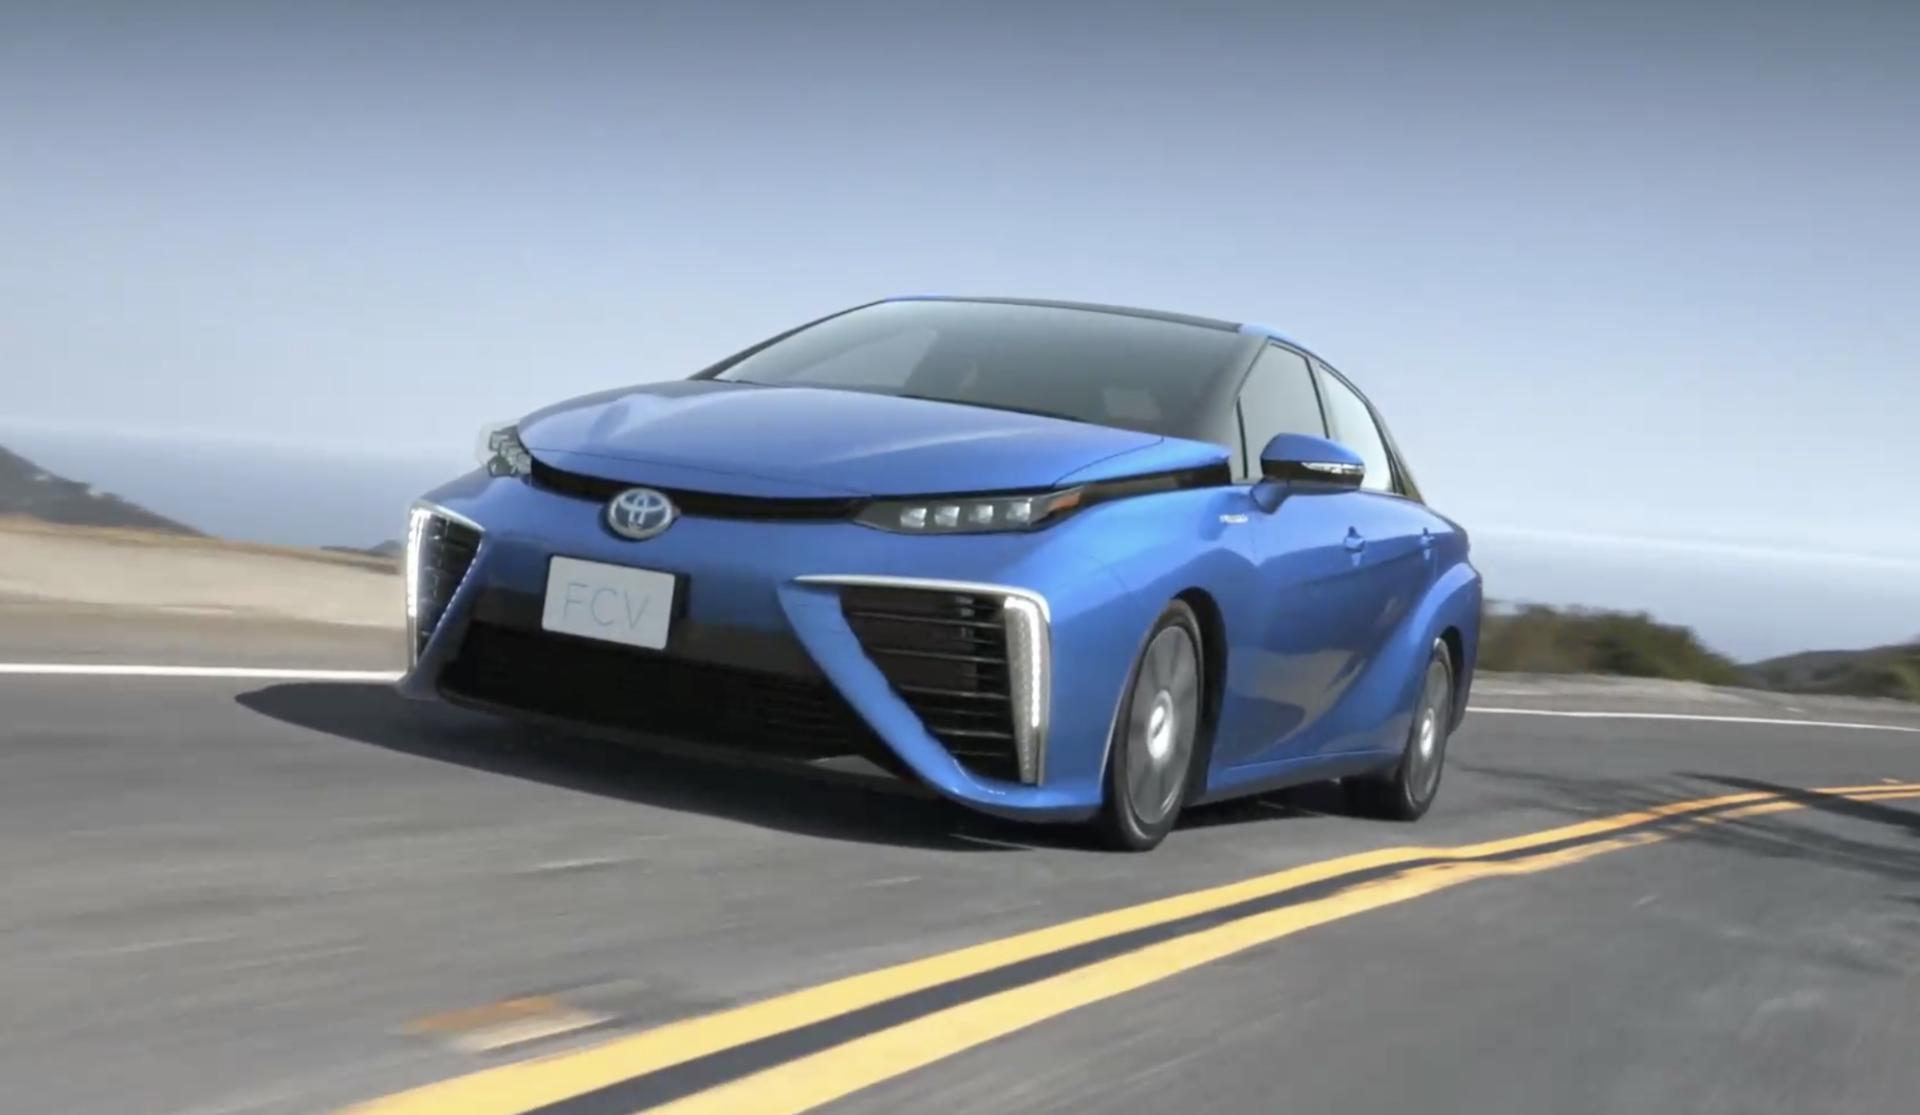 新技术 | 中国氢燃料电池车离普及还有多远?